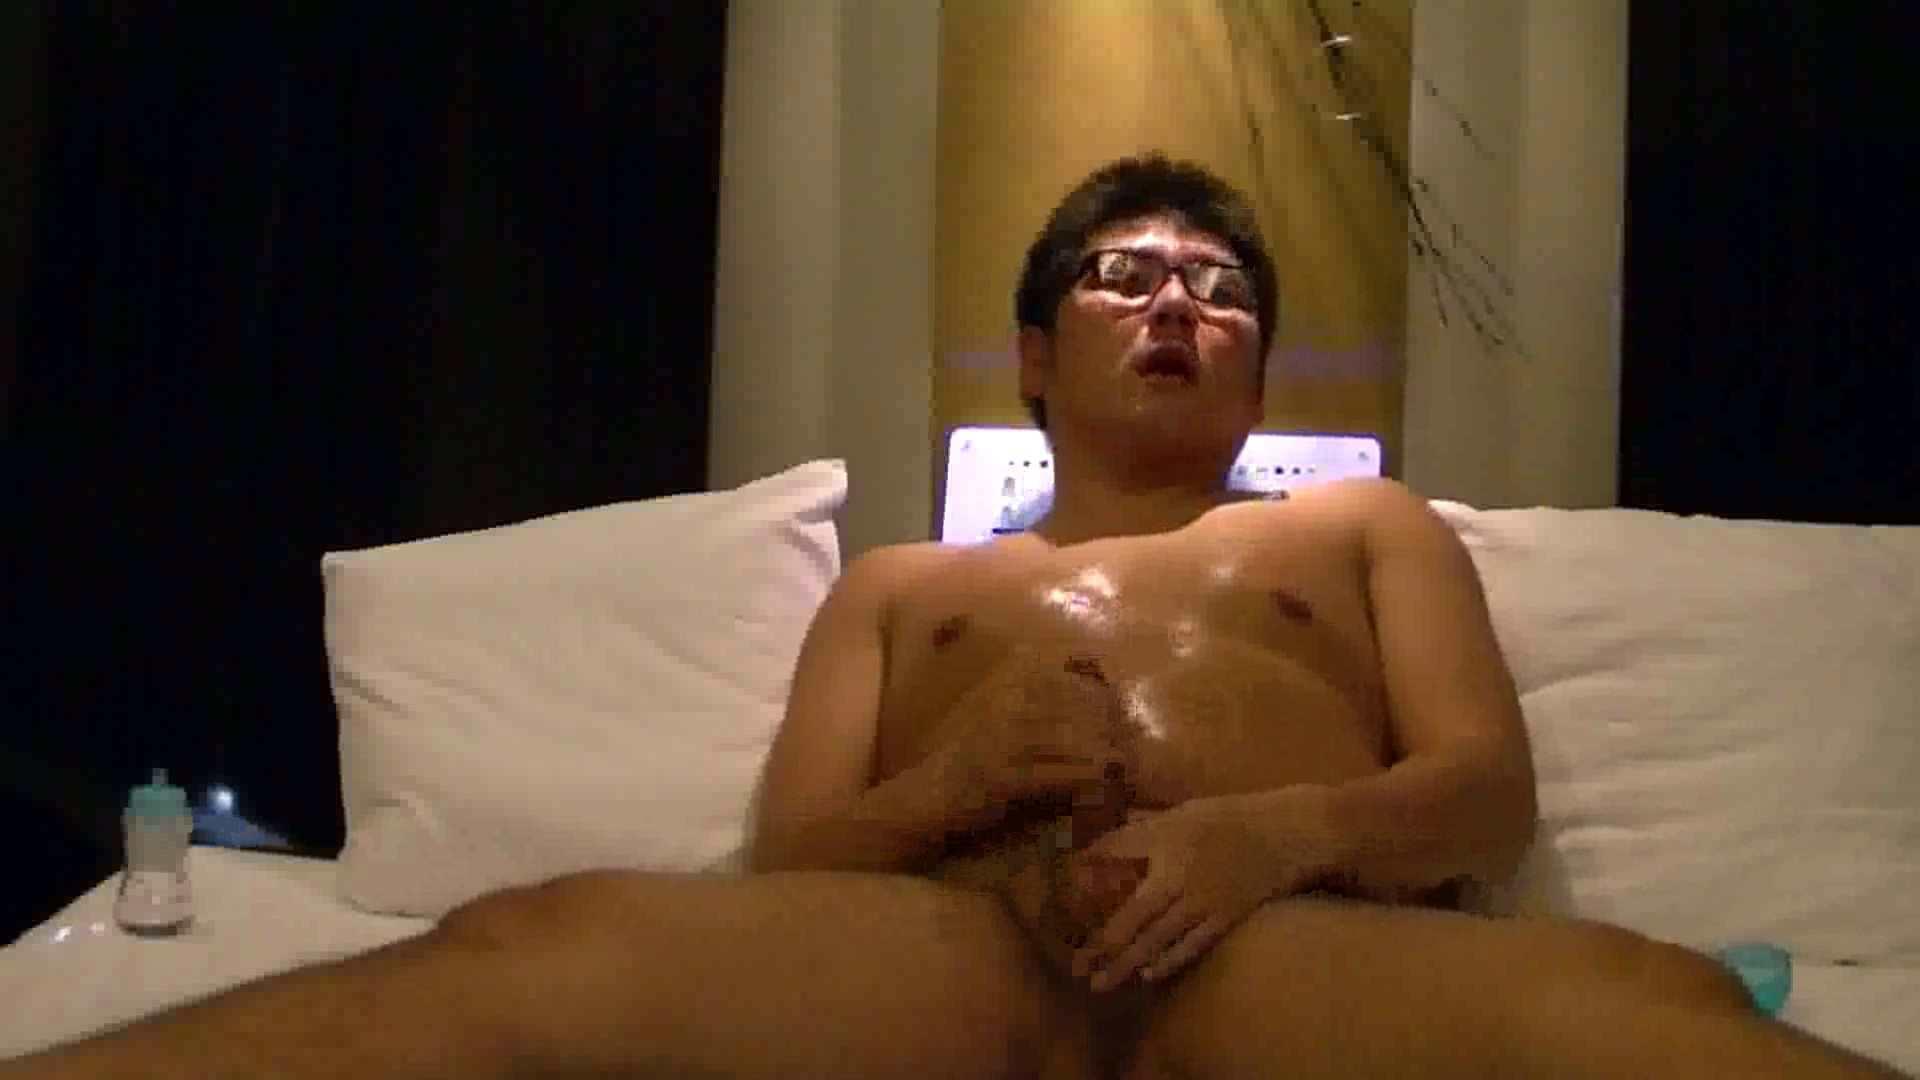 ONA見せカーニバル!! Vol5 エッチ   無修正 ゲイ無修正ビデオ画像 45pic 13